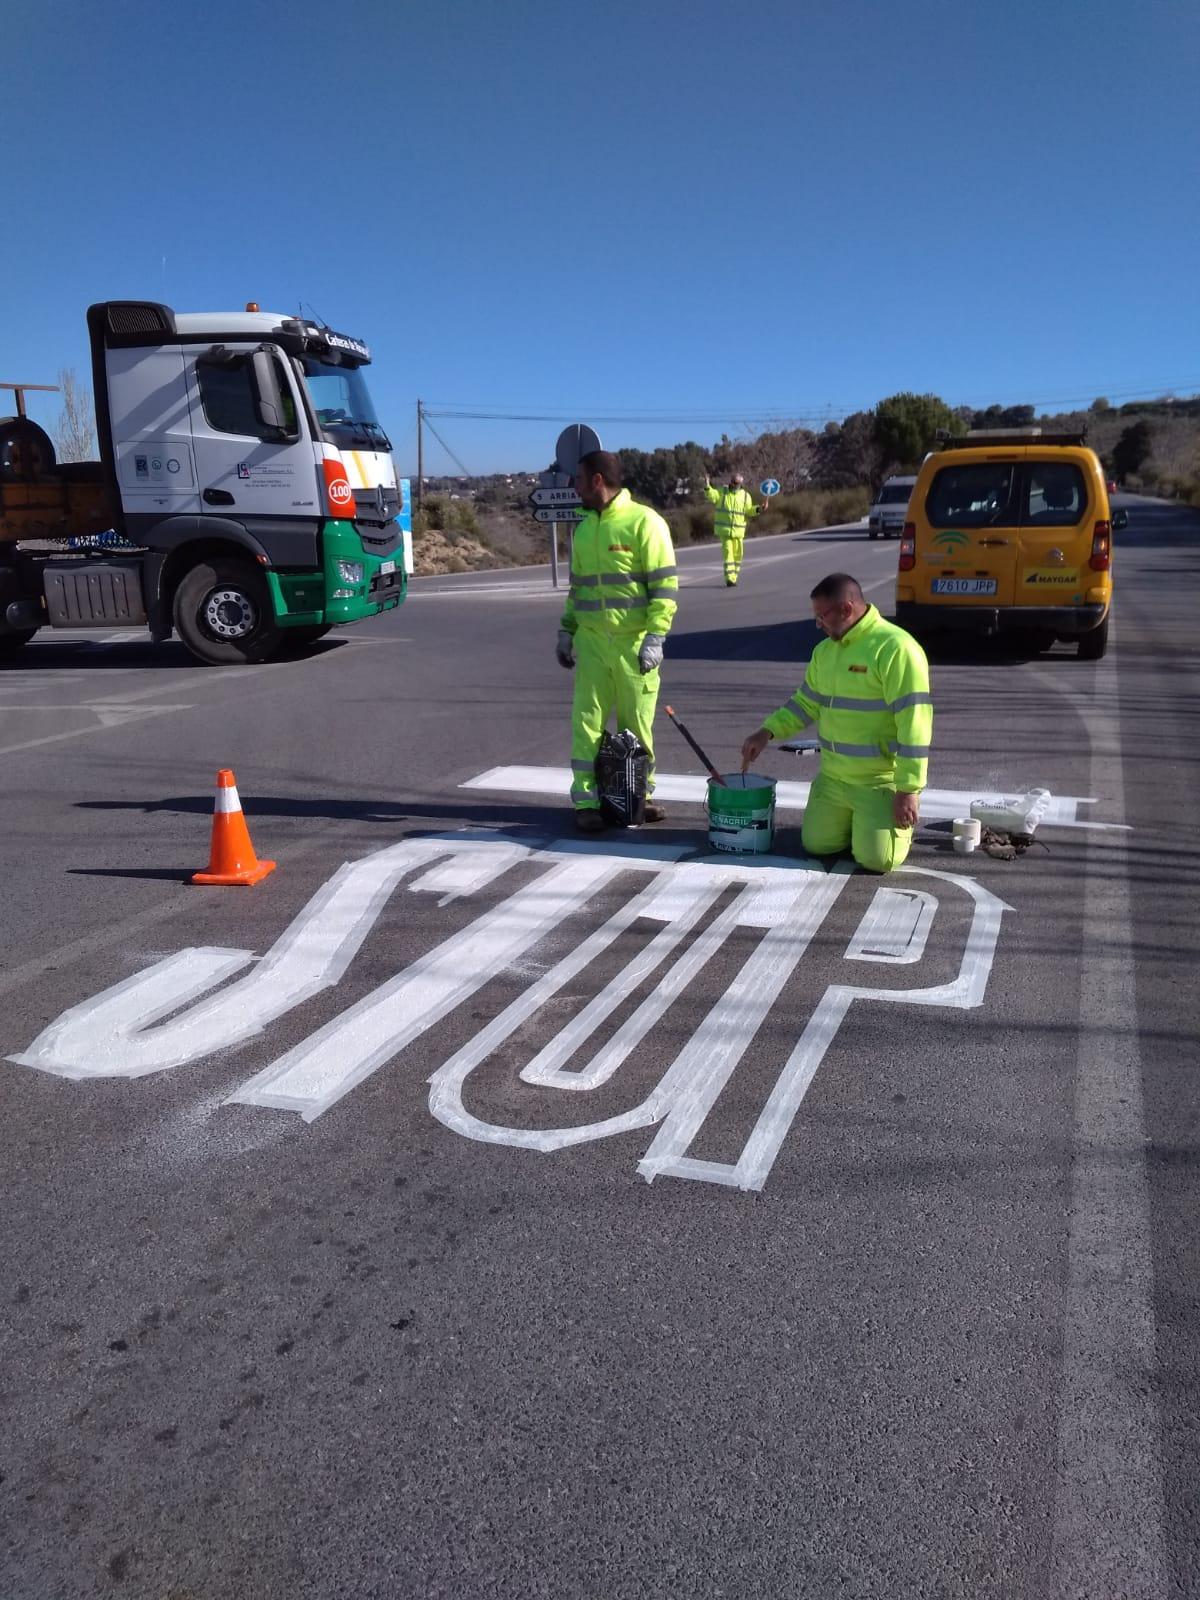 La Junta destina más de 30 millones a mejorar la señalización y el balizamiento de su red viaria